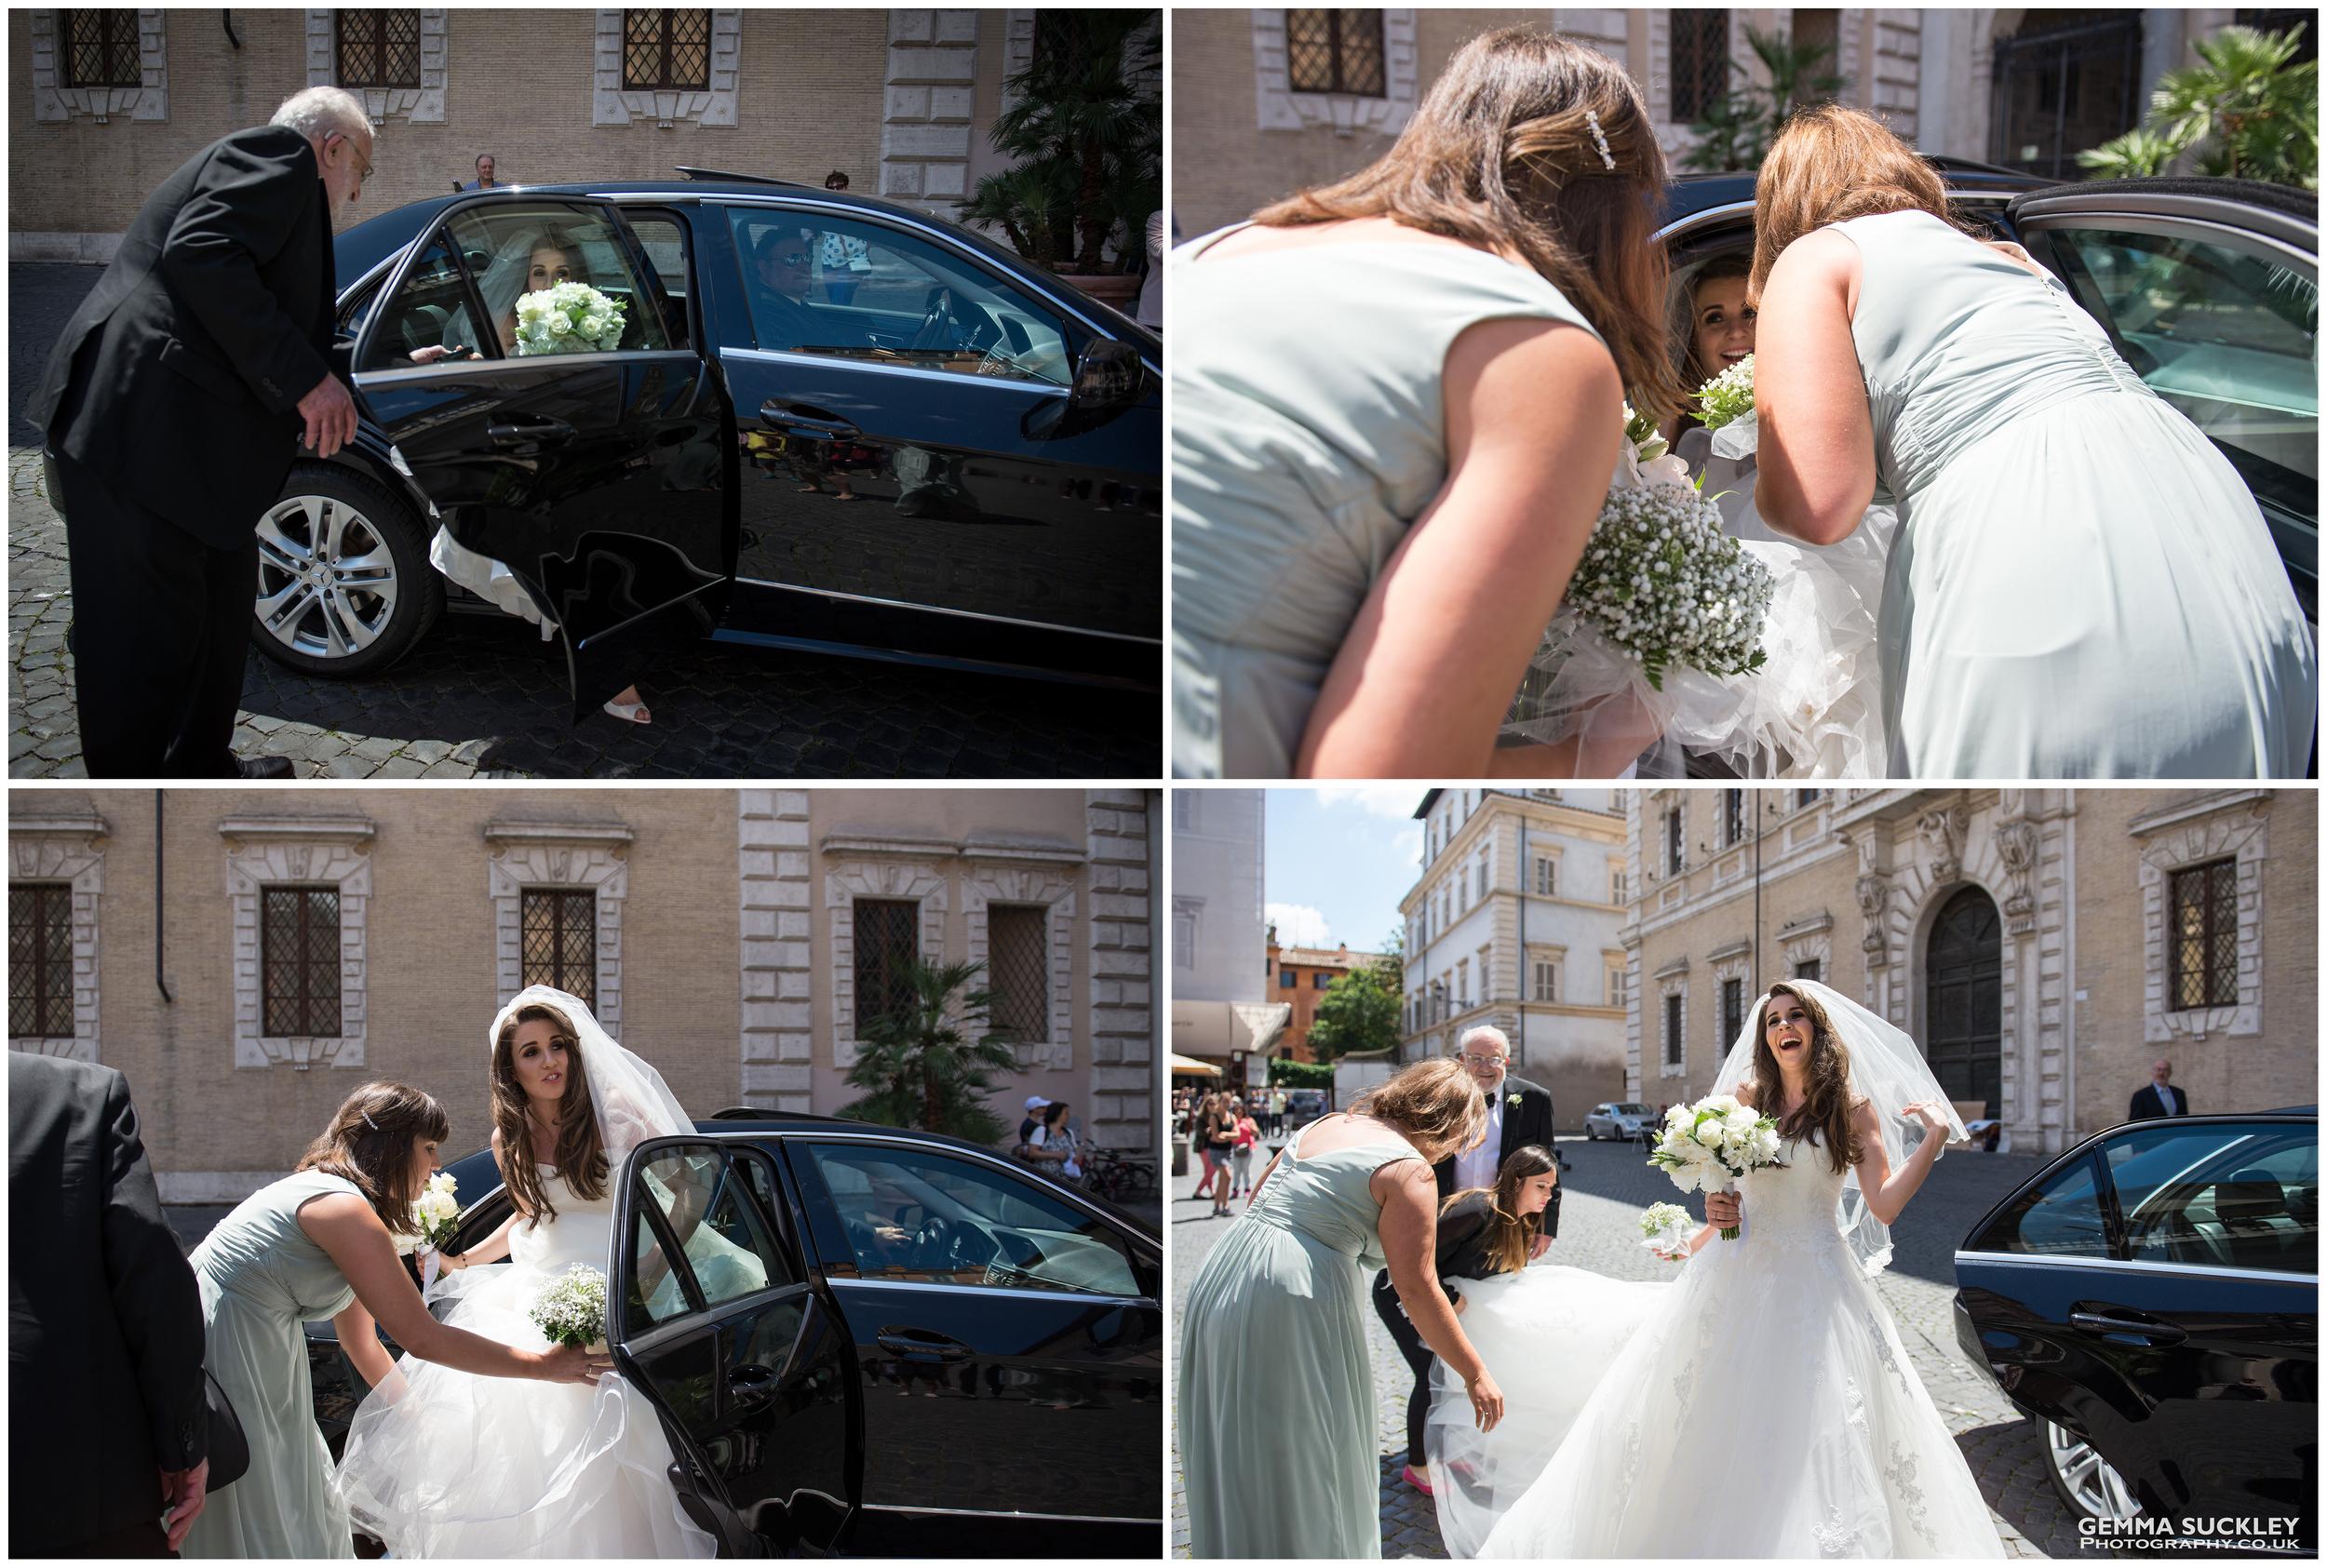 bride-arriving-gemma-suckley-suckley.jpg